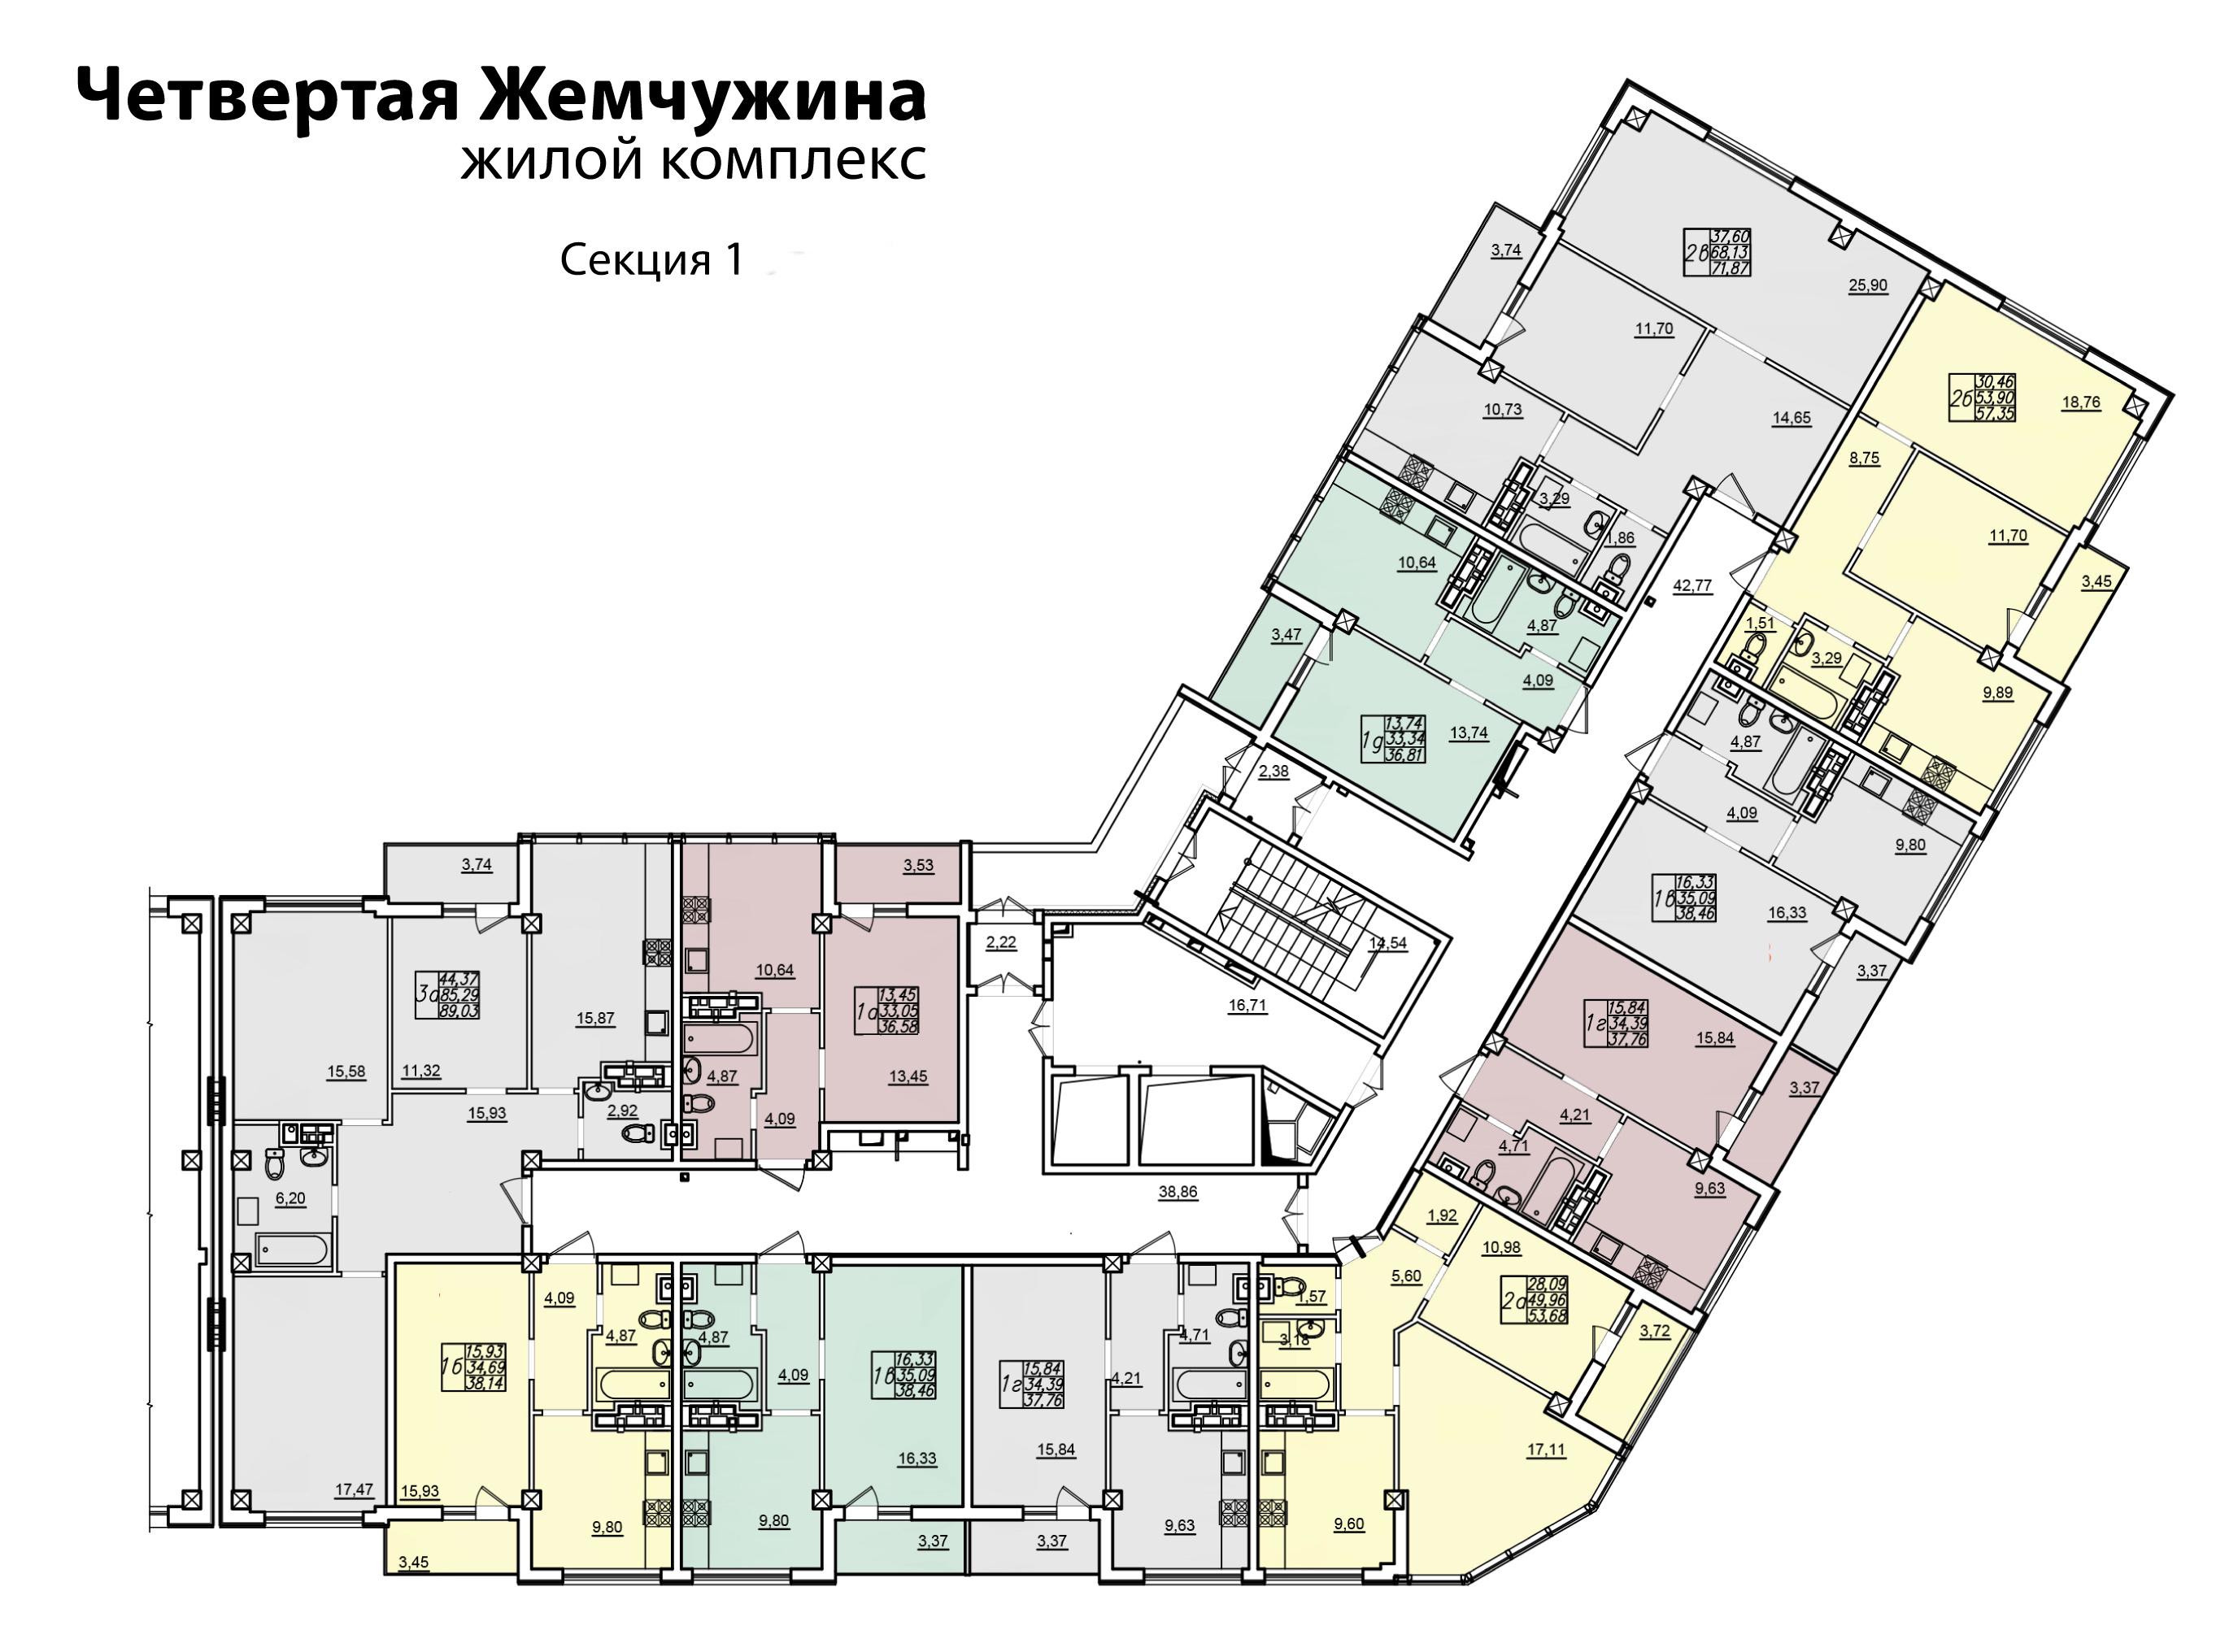 Кадорр, 4 Жемчужина, Планировка типового этажа секция 1